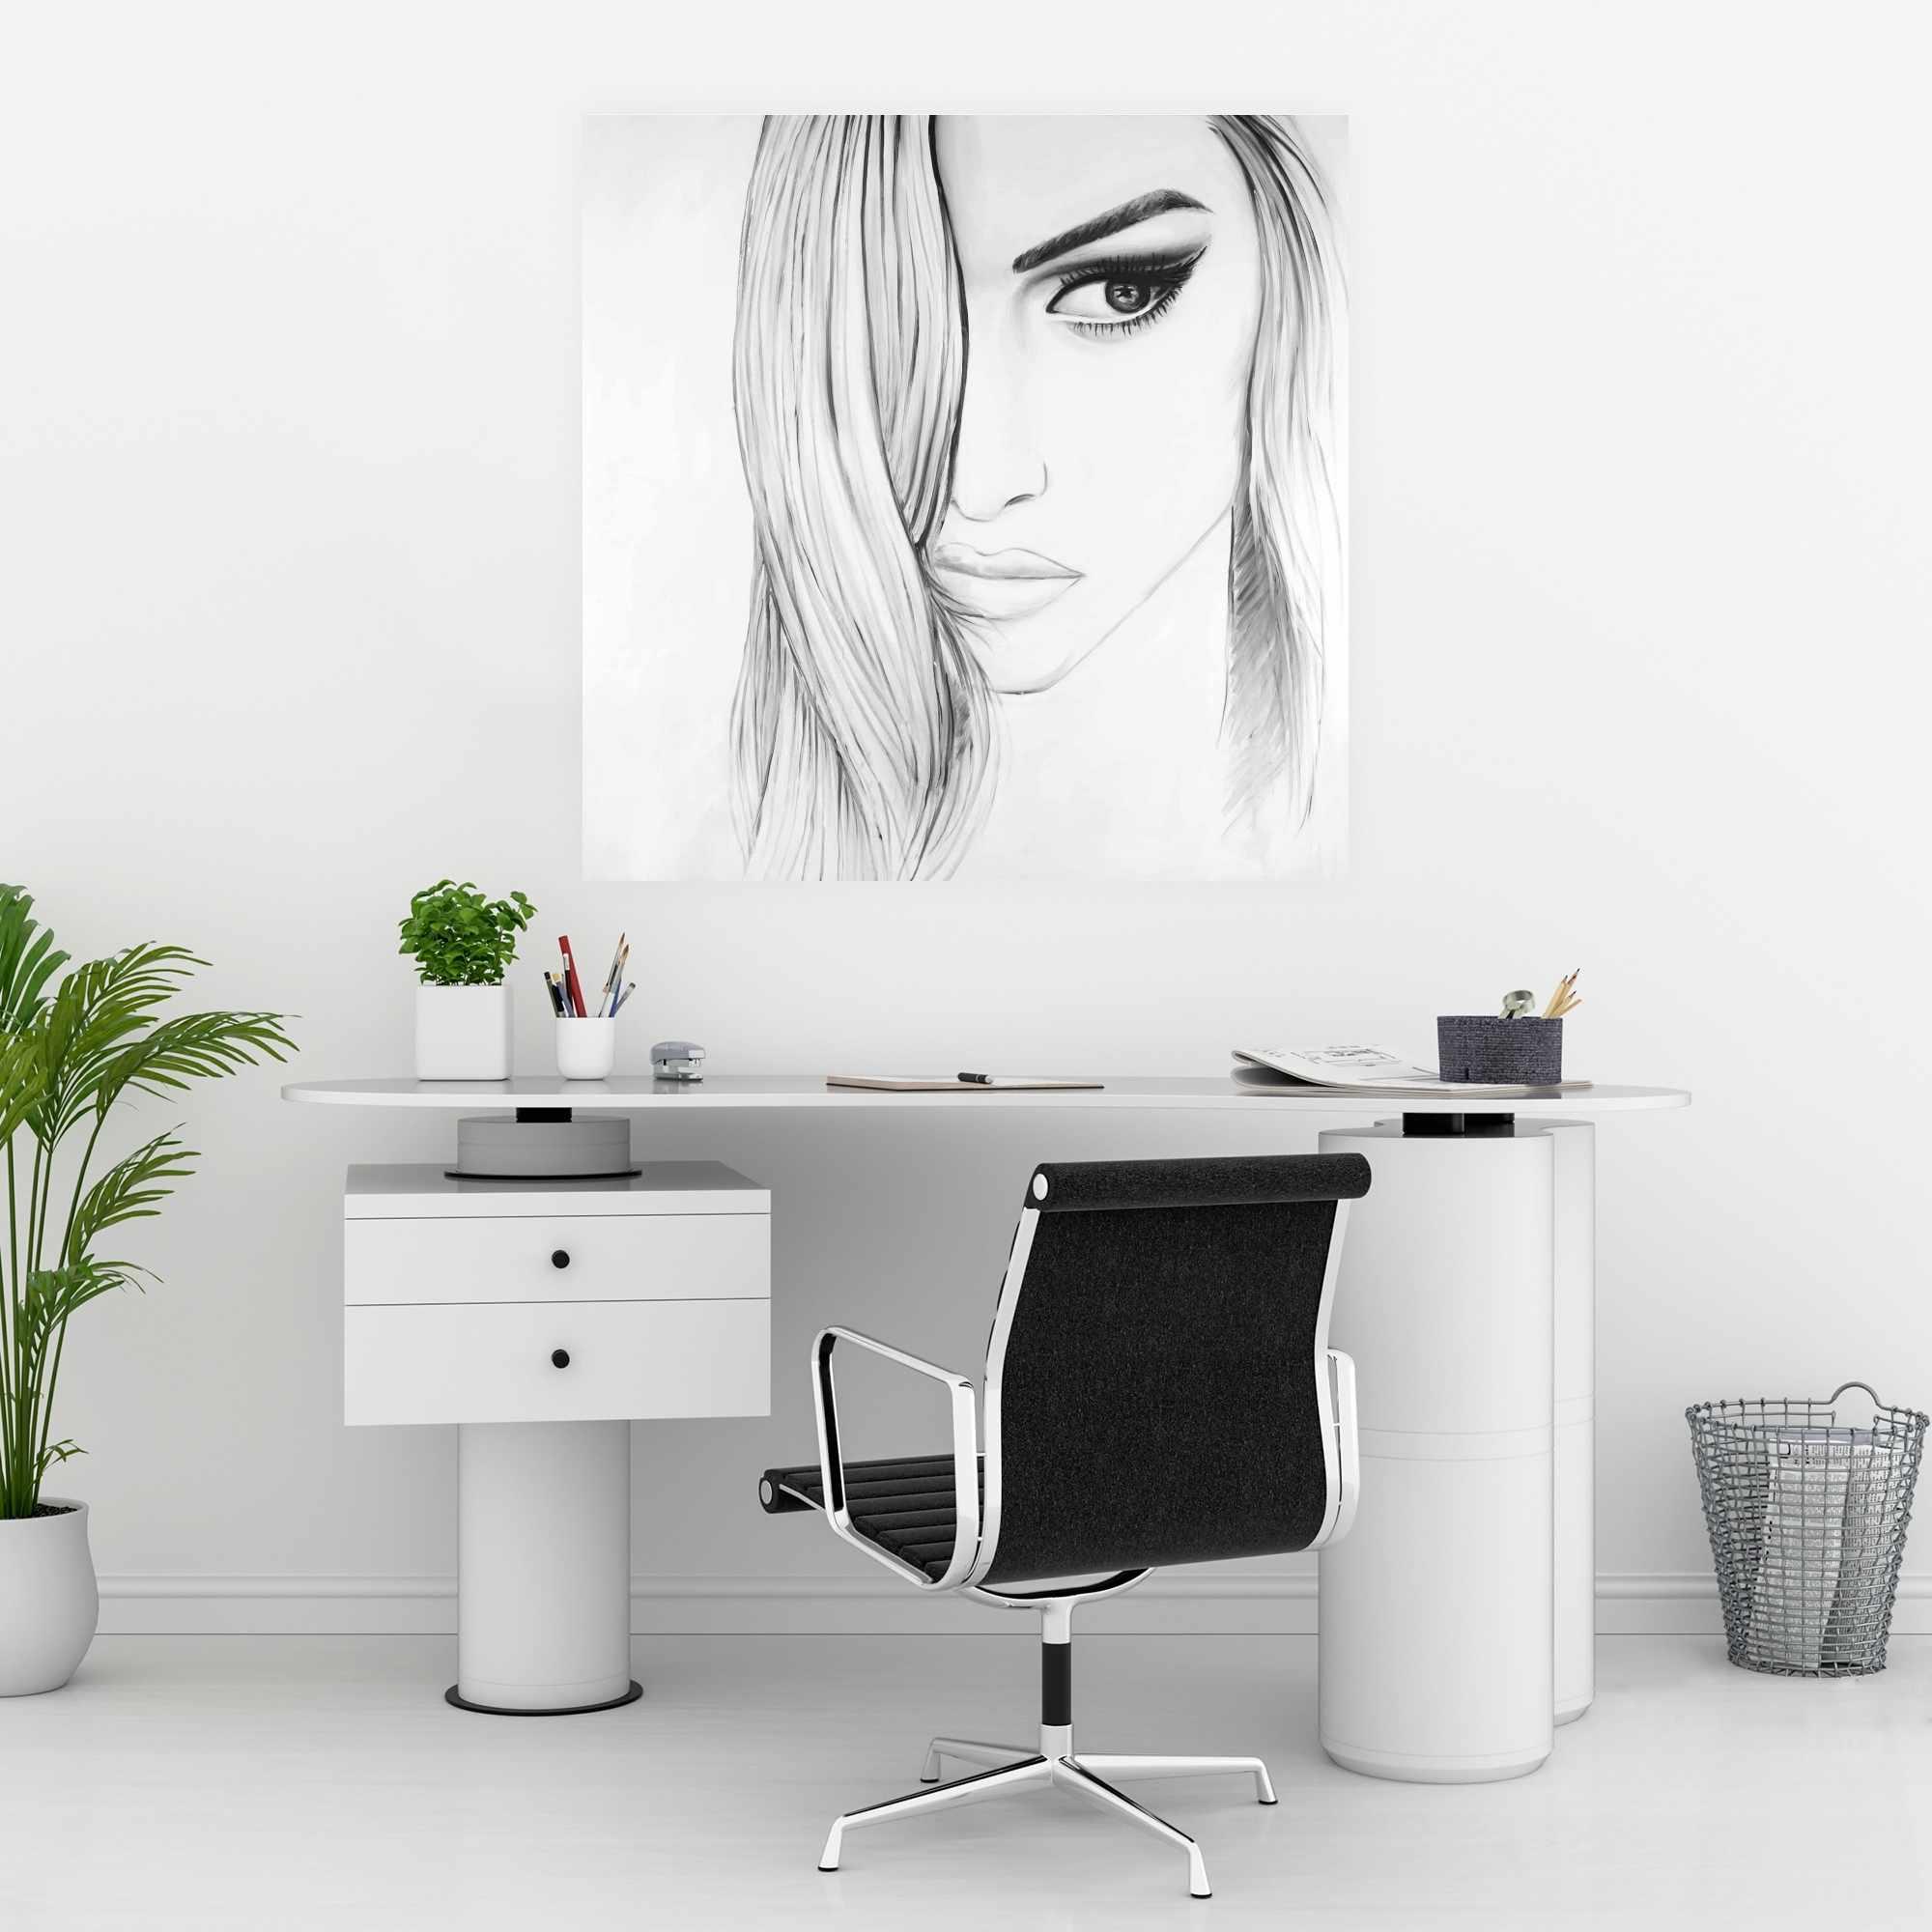 Poster 30 x 30 - Black & white portrait